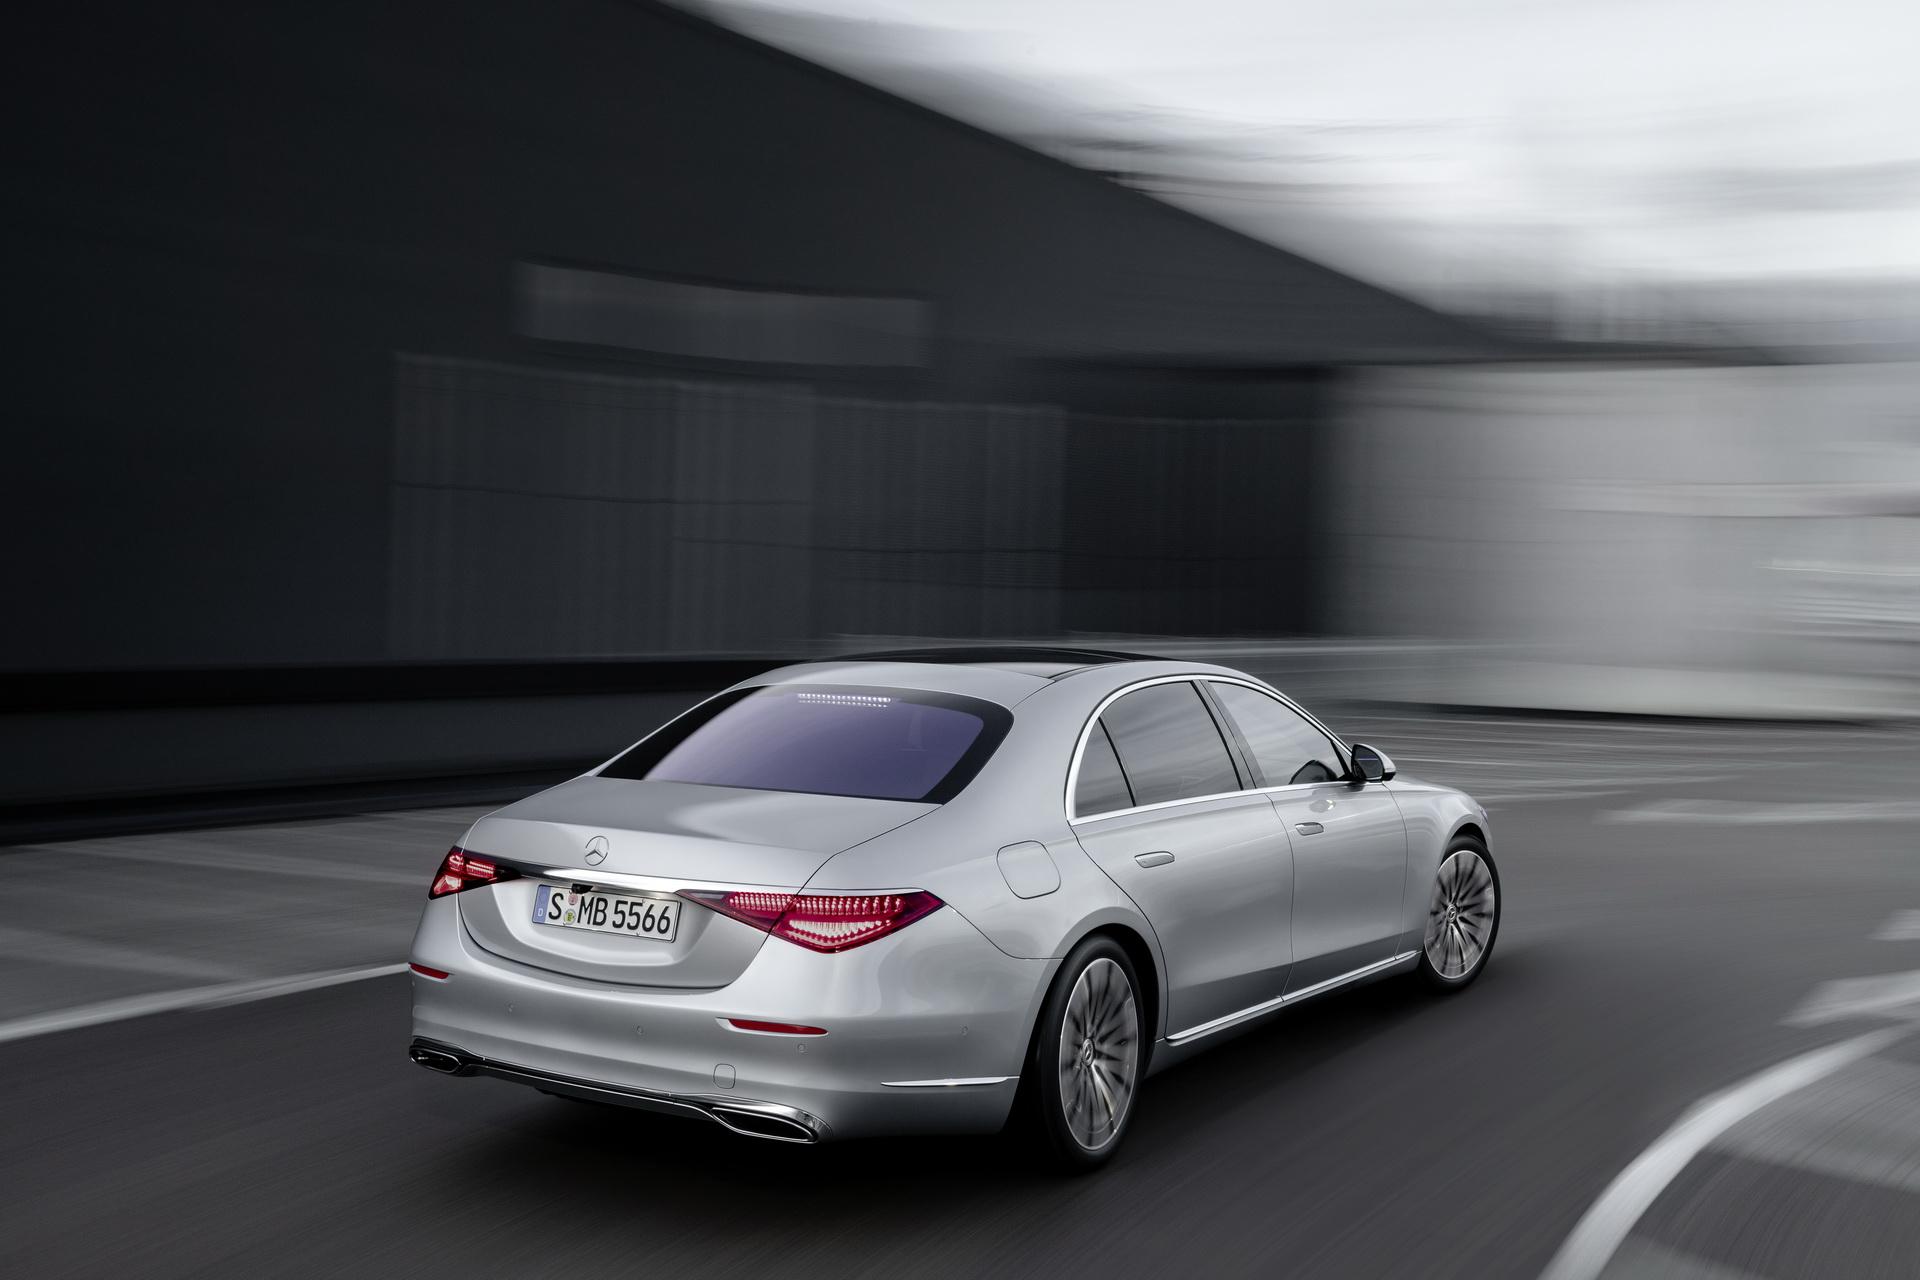 Mercedes-Benz gửi lời xin lỗi tới khách hàng vì phải triệu hồi S-Class thế hệ mới -2